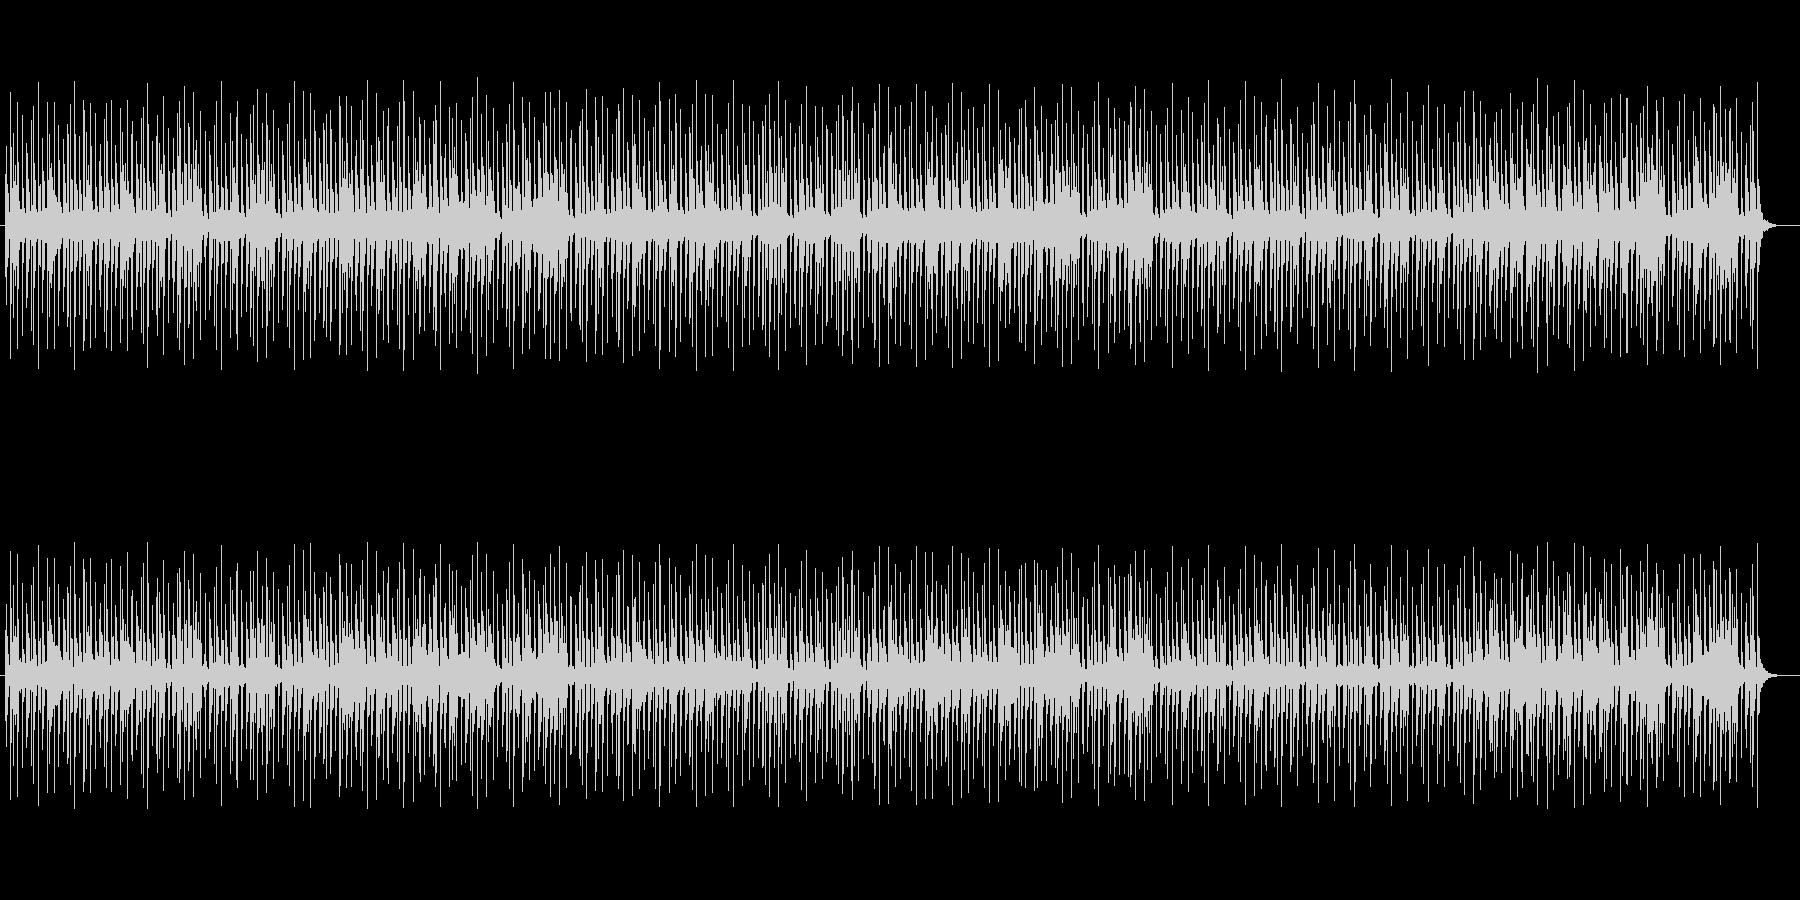 神秘的に響き渡るミュージックの未再生の波形